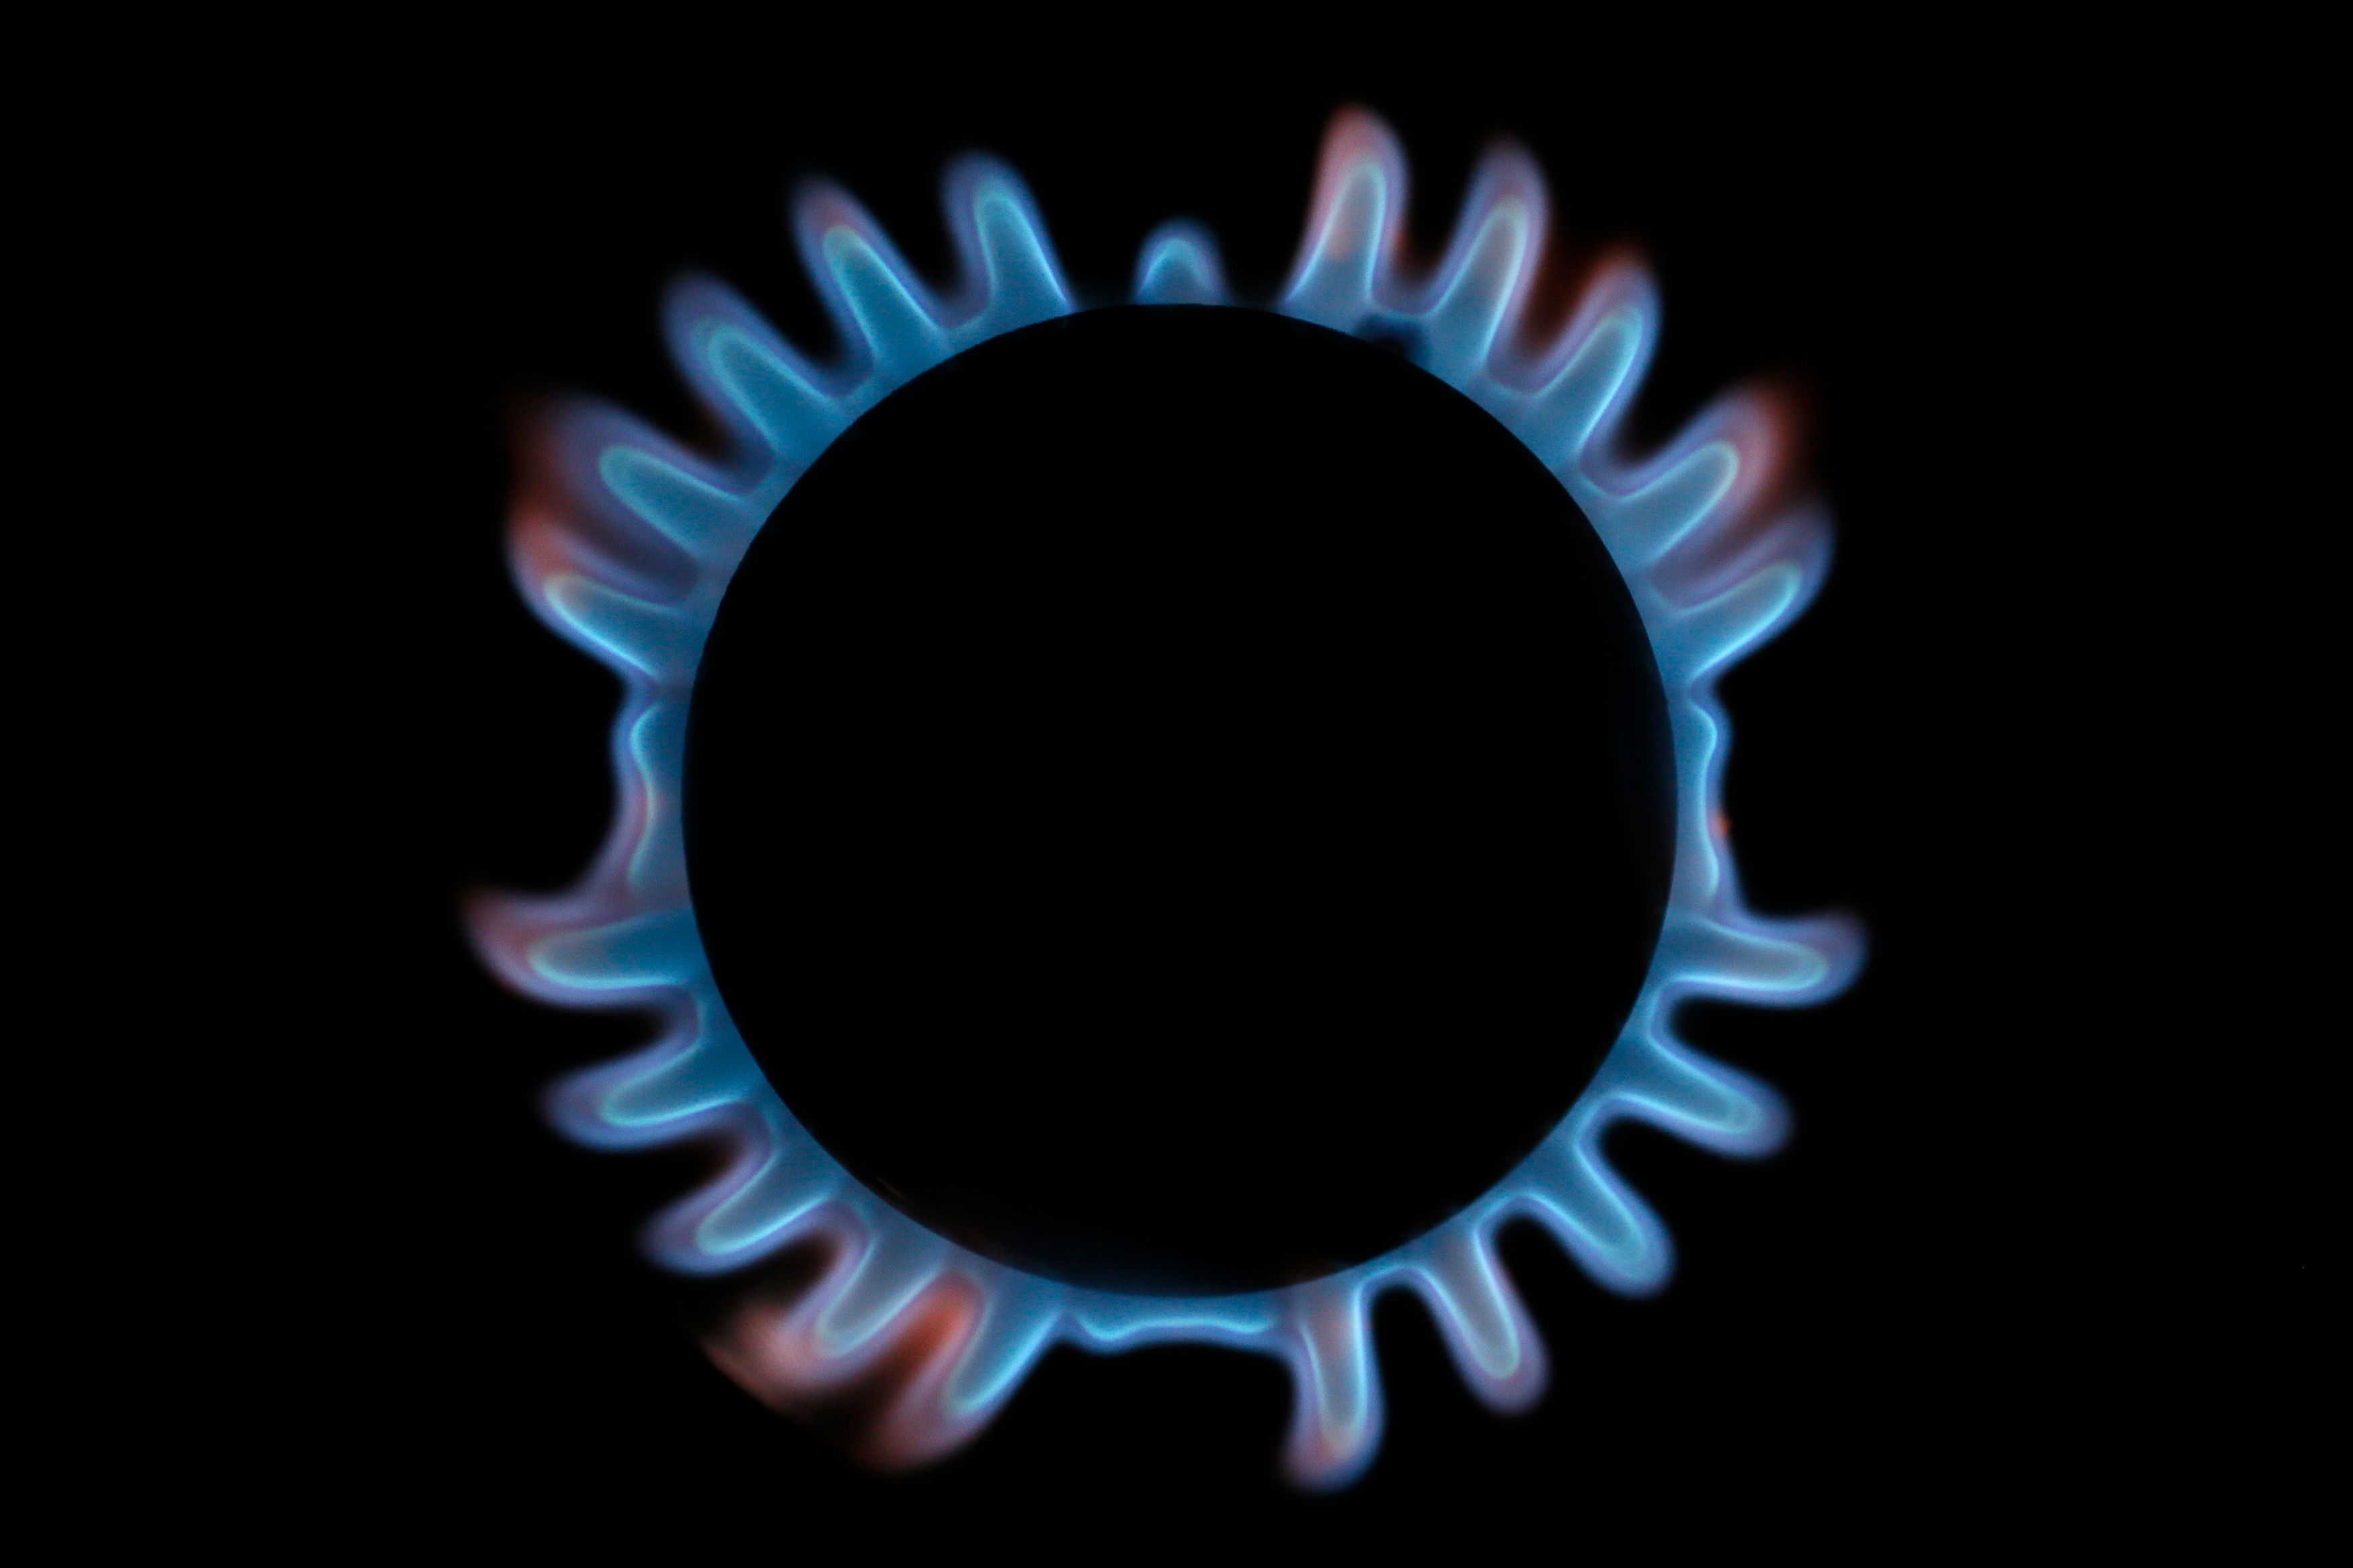 Les prix du gaz en France sont 3 ou 4 fois plus élevés qu'aux Etats-Unis ou en Russie.